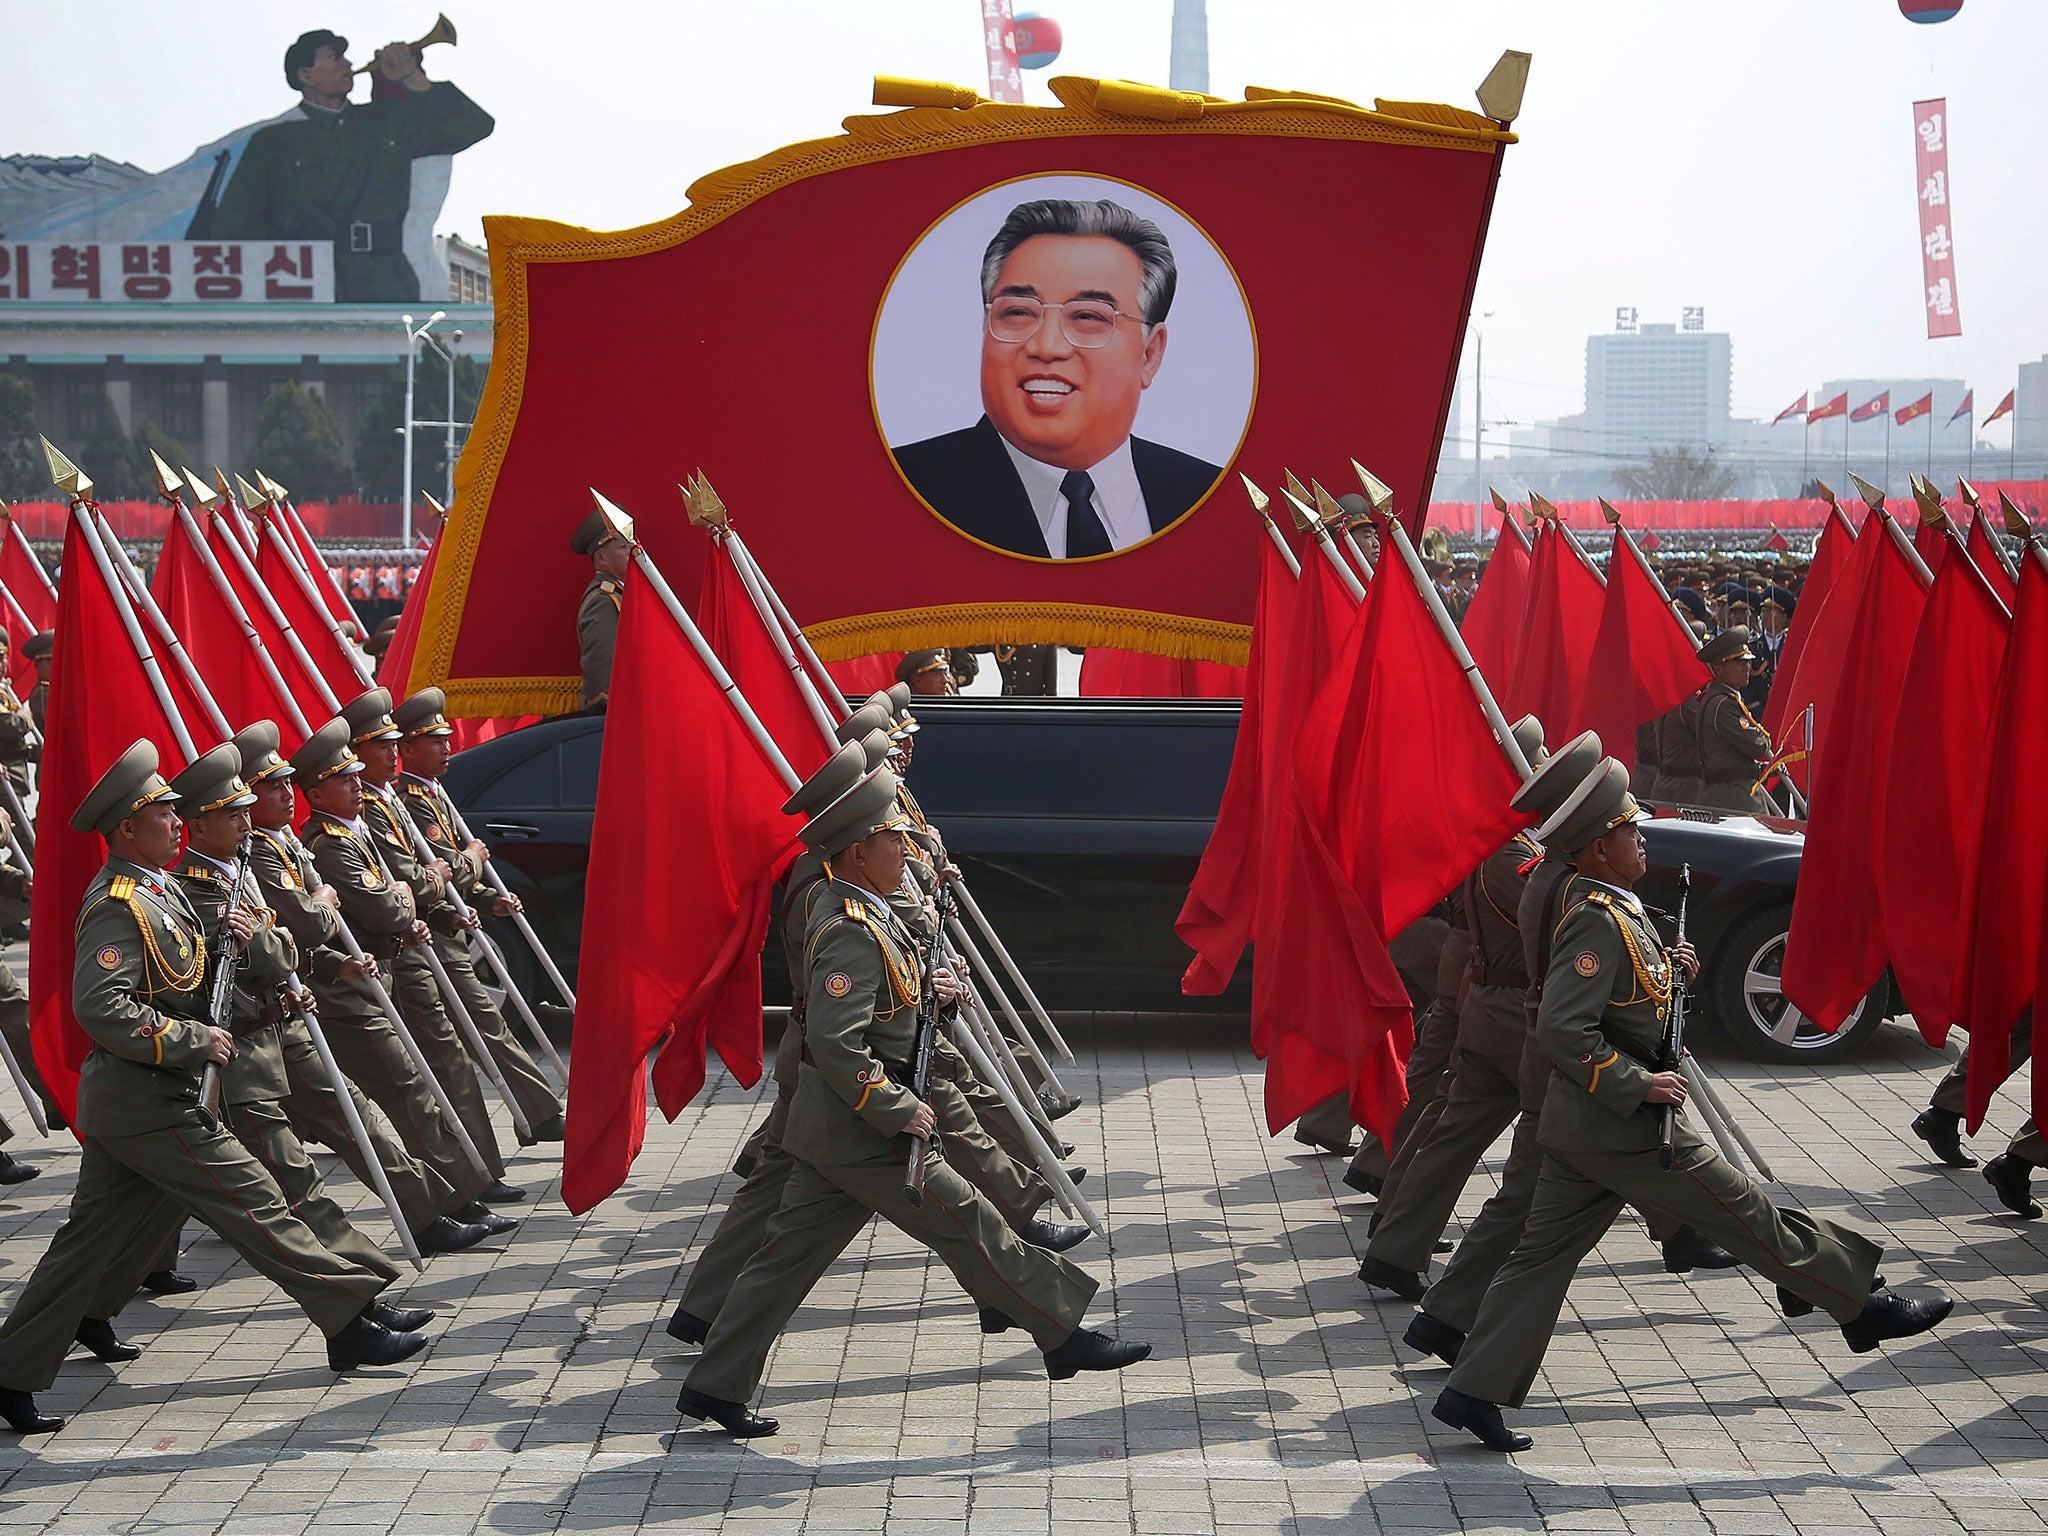 Men in uniform dating in pyongyang pronunciation